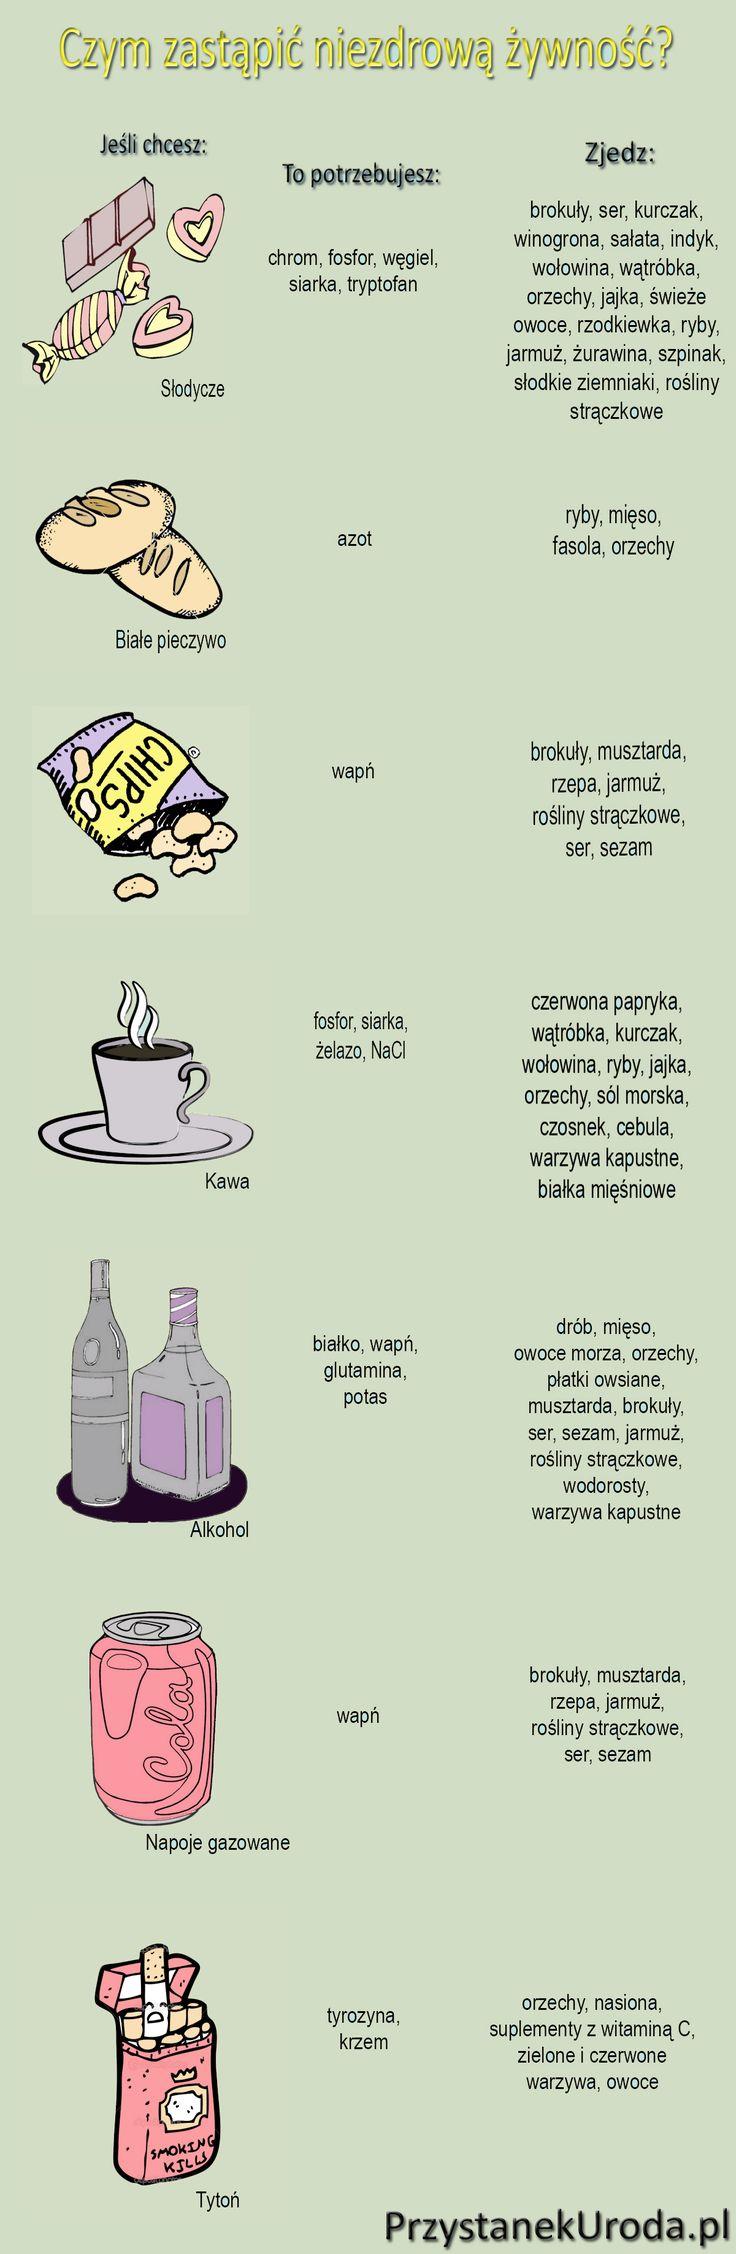 Infografika zdrowa żywność. Czym zastąpić niezdrową żywność?